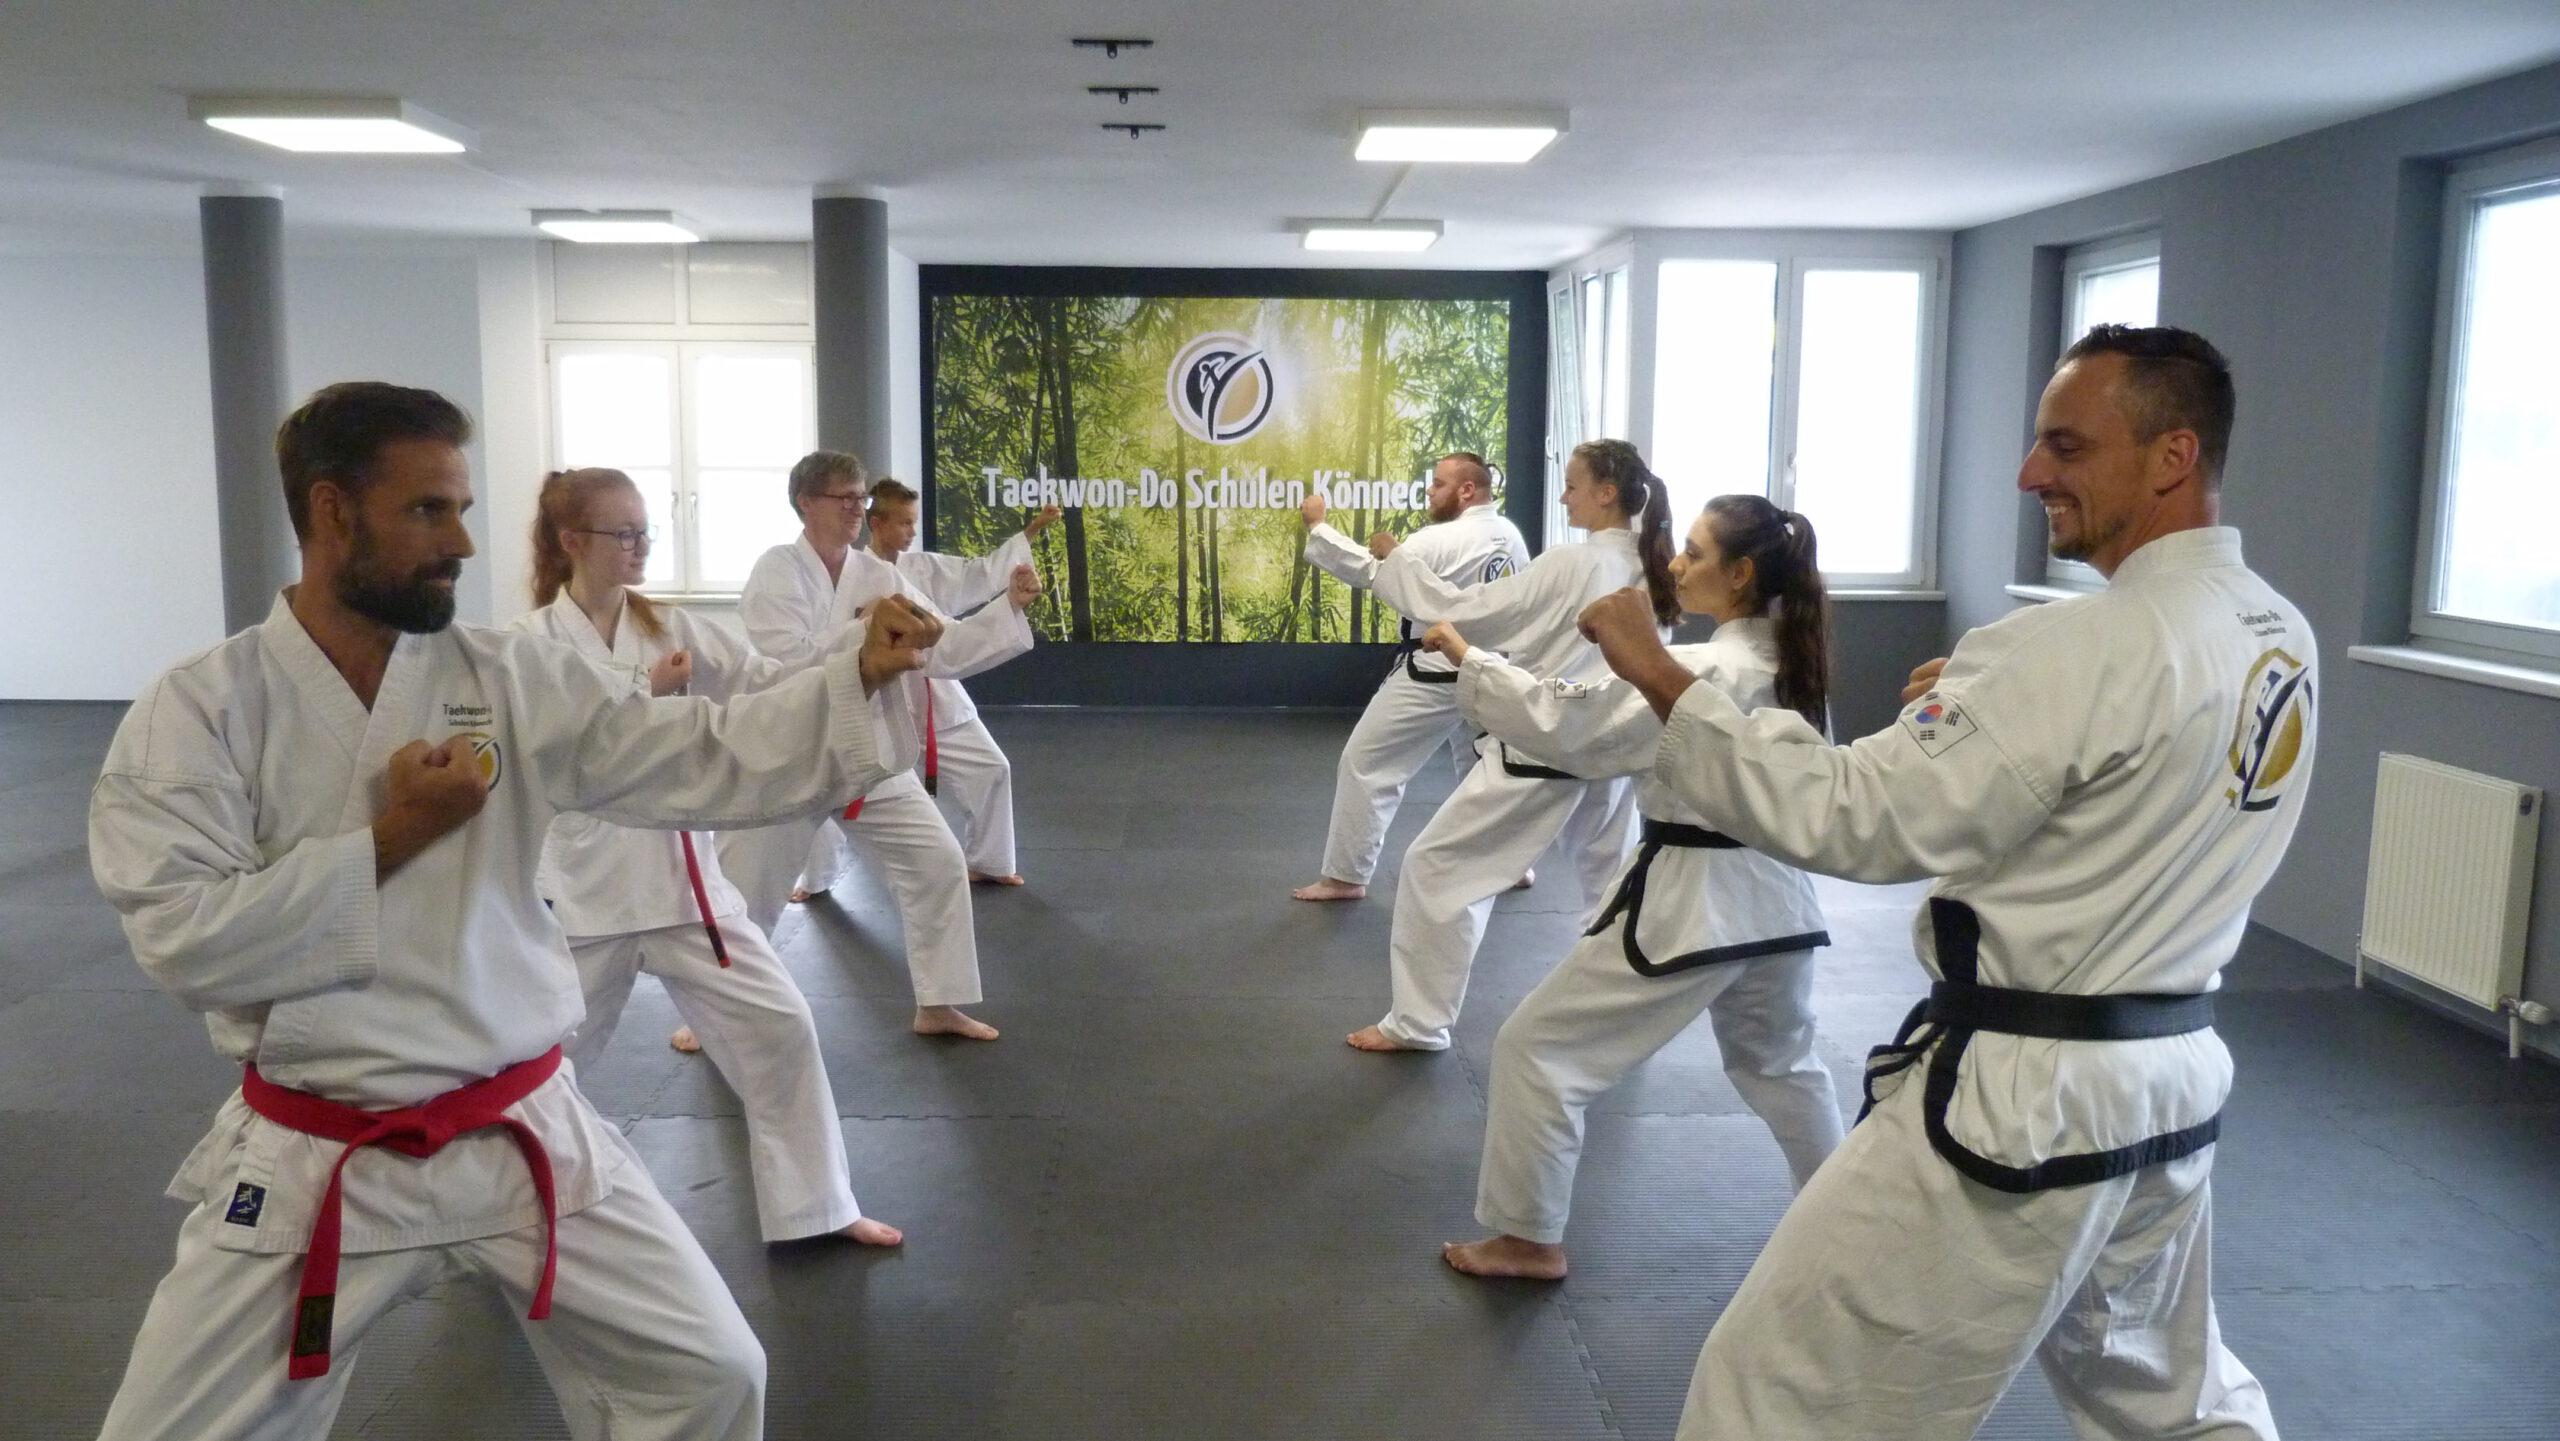 Taekwon-Do Schulen Könnecke auch in den Sommerferien geöffnet